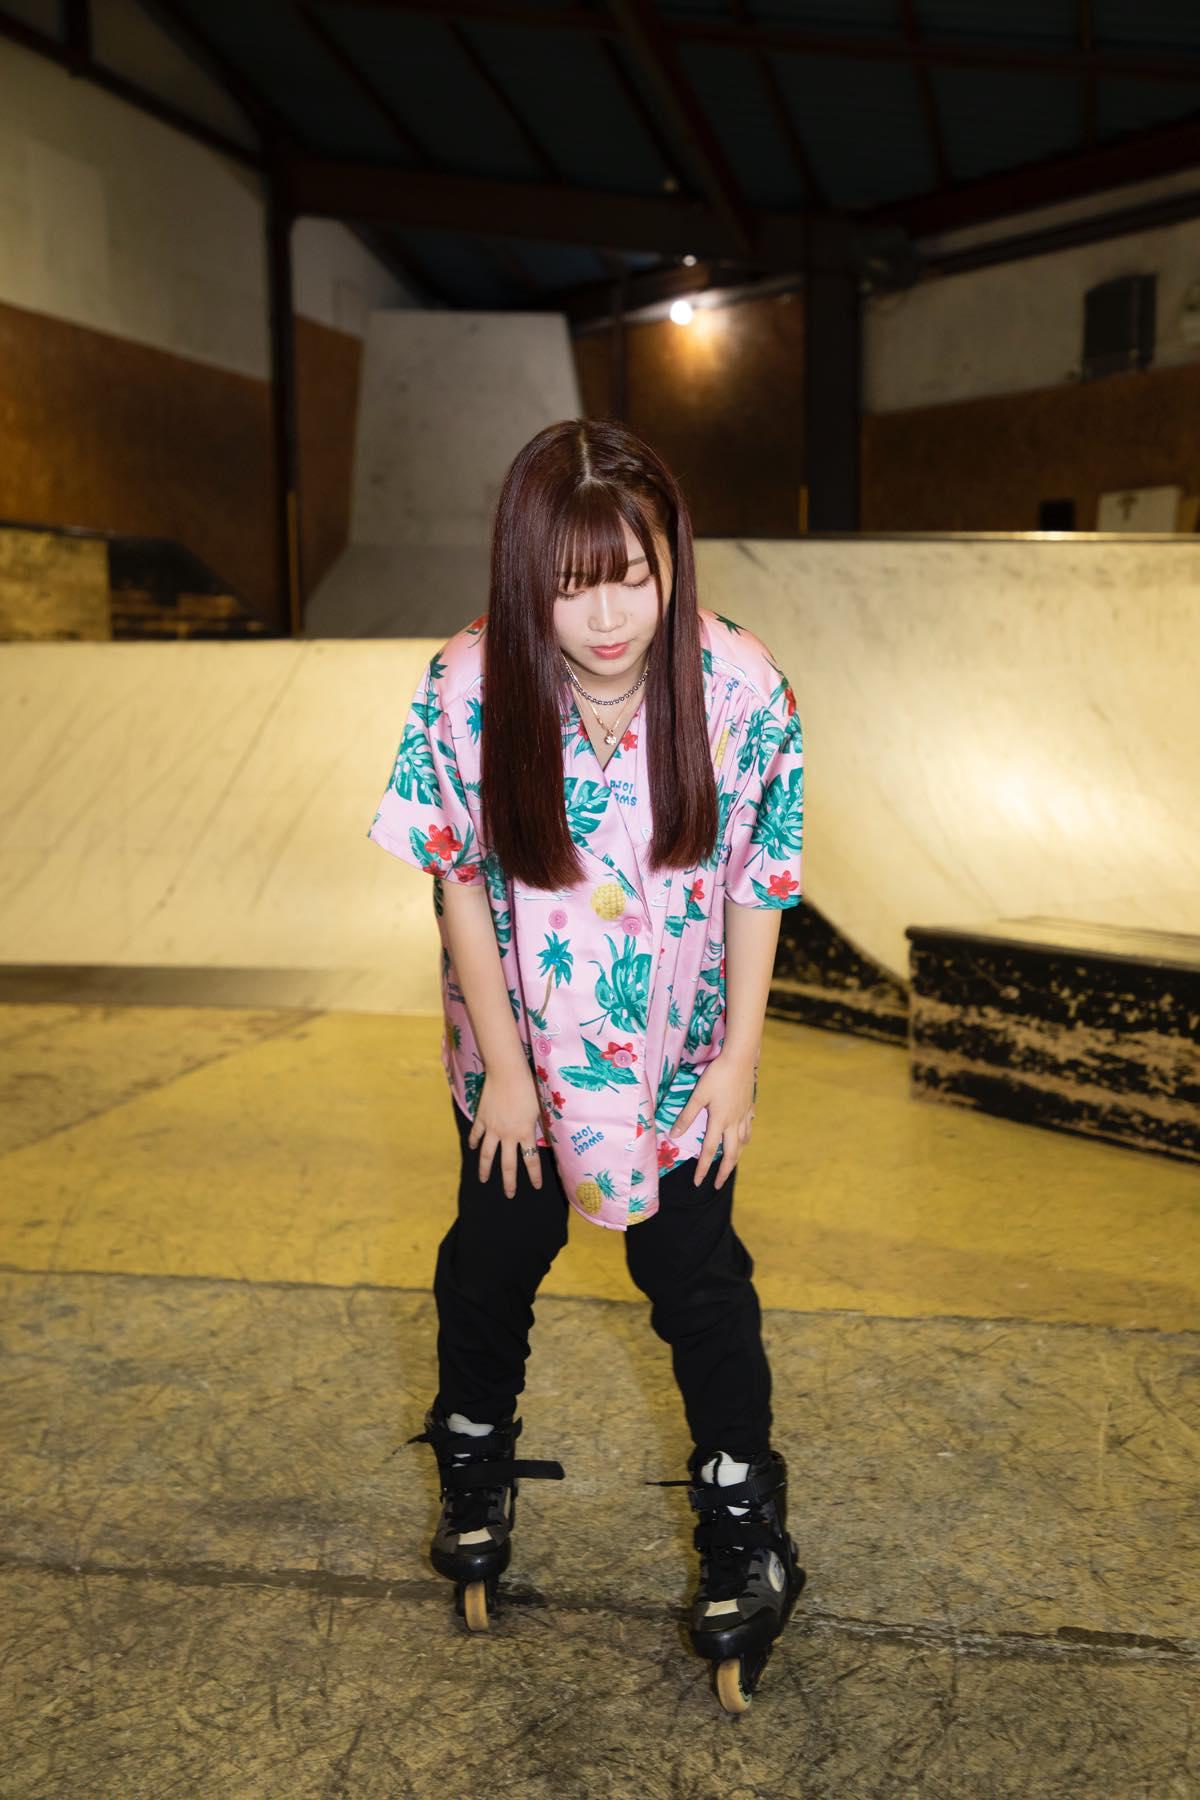 米田みいな「初めてのインラインスケートでなぜかにゃんこスターのモノマネ!?」【写真37枚】【連載】ラストアイドルのすっぴん!vol.21の画像016